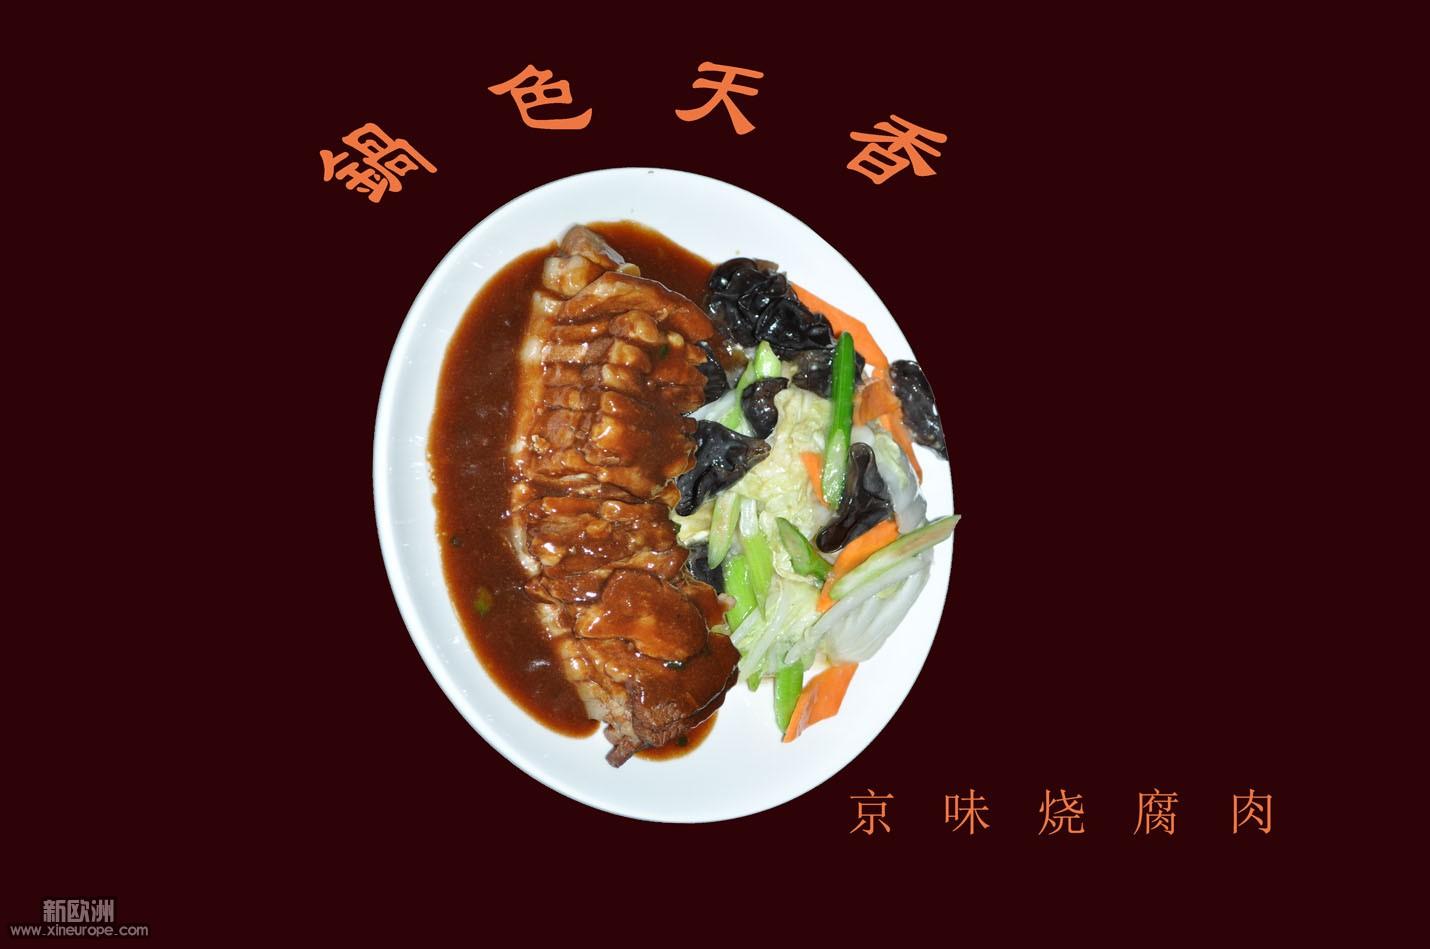 京味烧腐肉.jpg